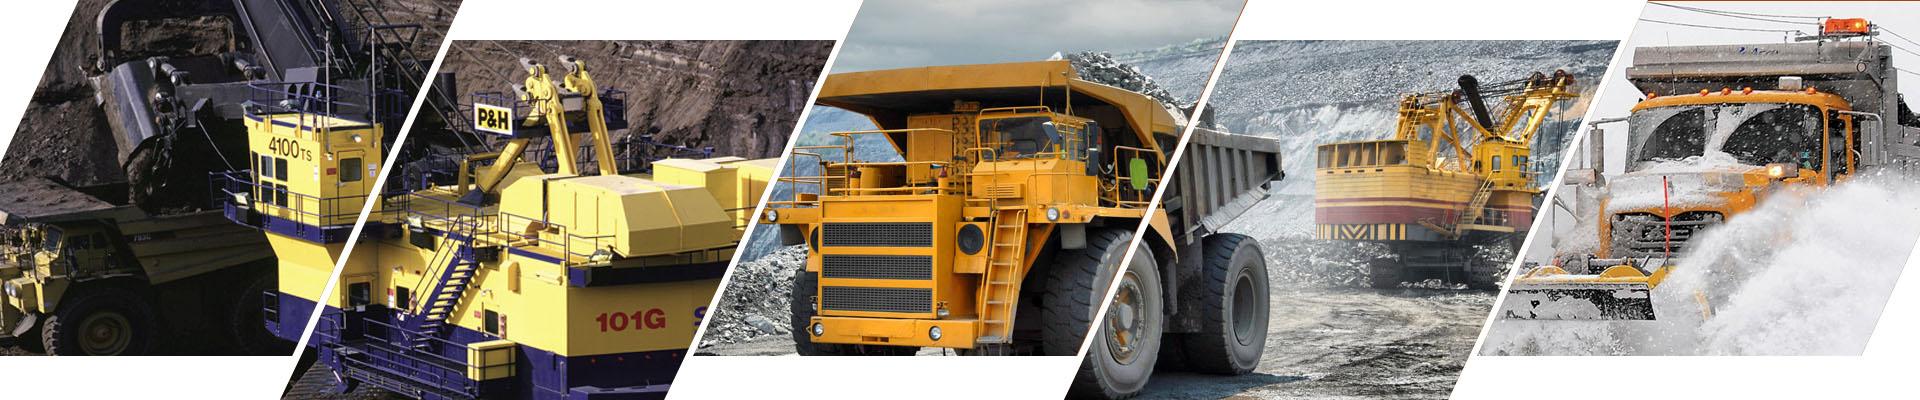 Mining Trucks camera system kit banner